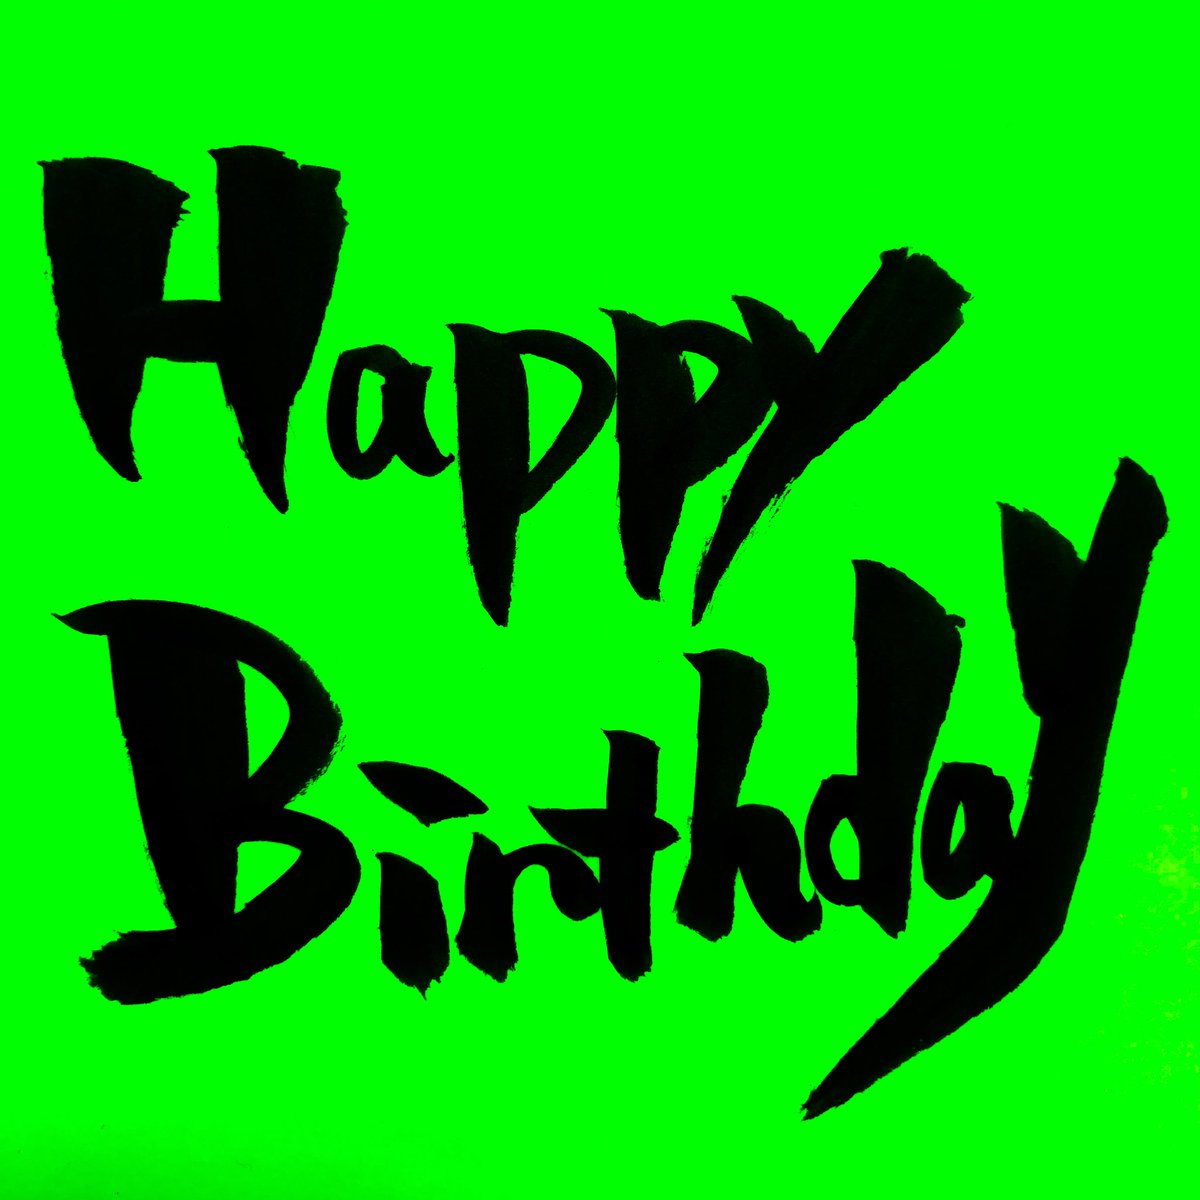 今日誕生日の貴方、おめでとう!! https://t.co/h3W2F4lBfu